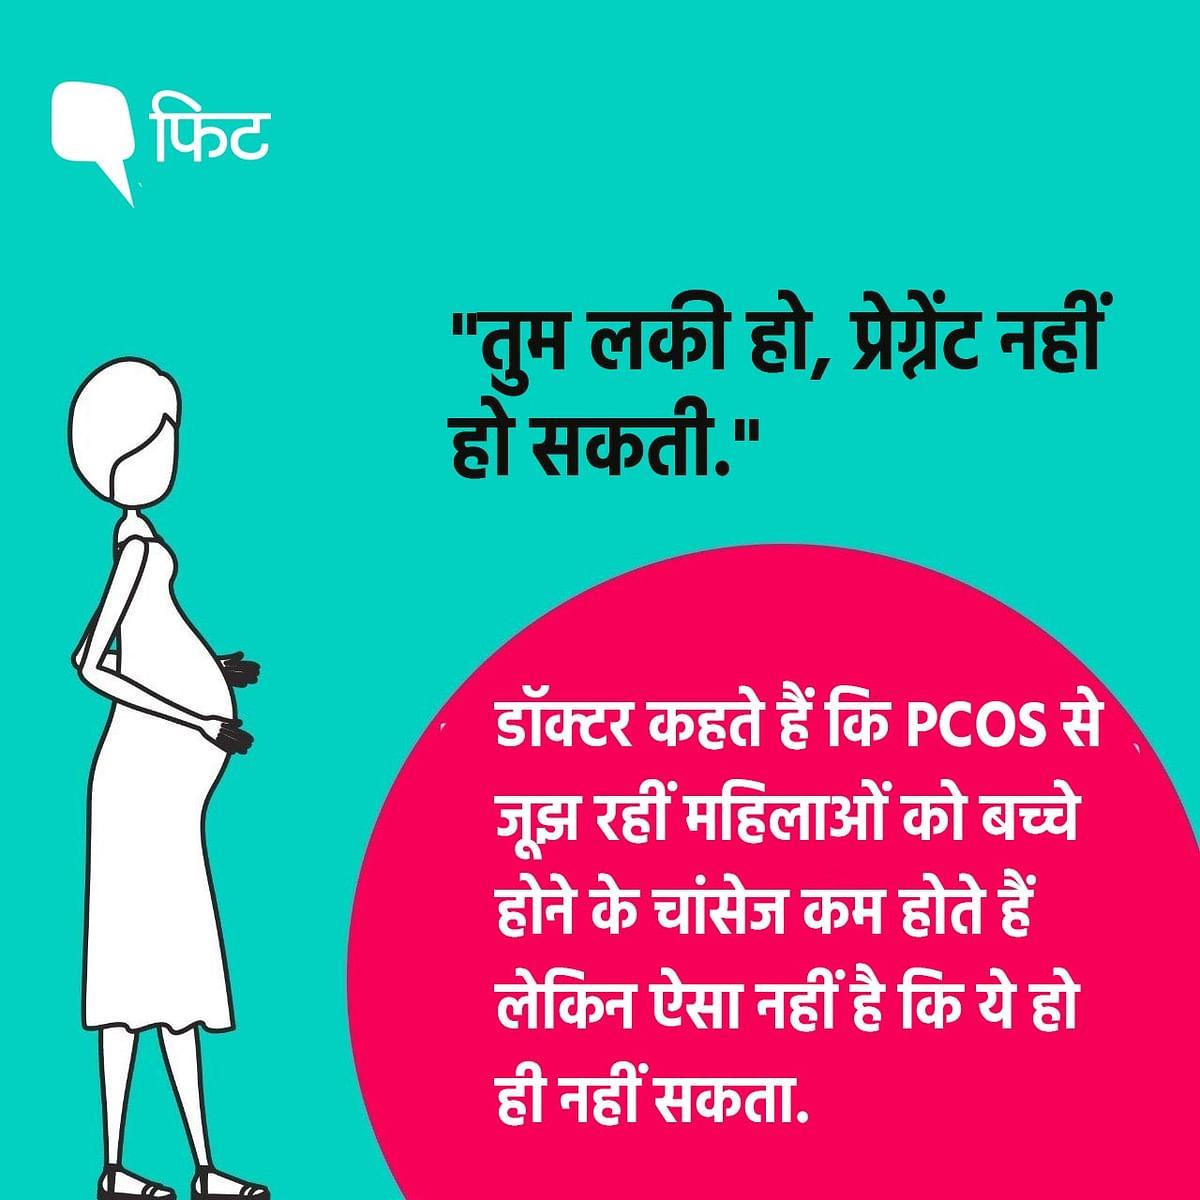 PCOS से जूझ रही महिलाएं आपको ये बातें समझाना चाहती हैं